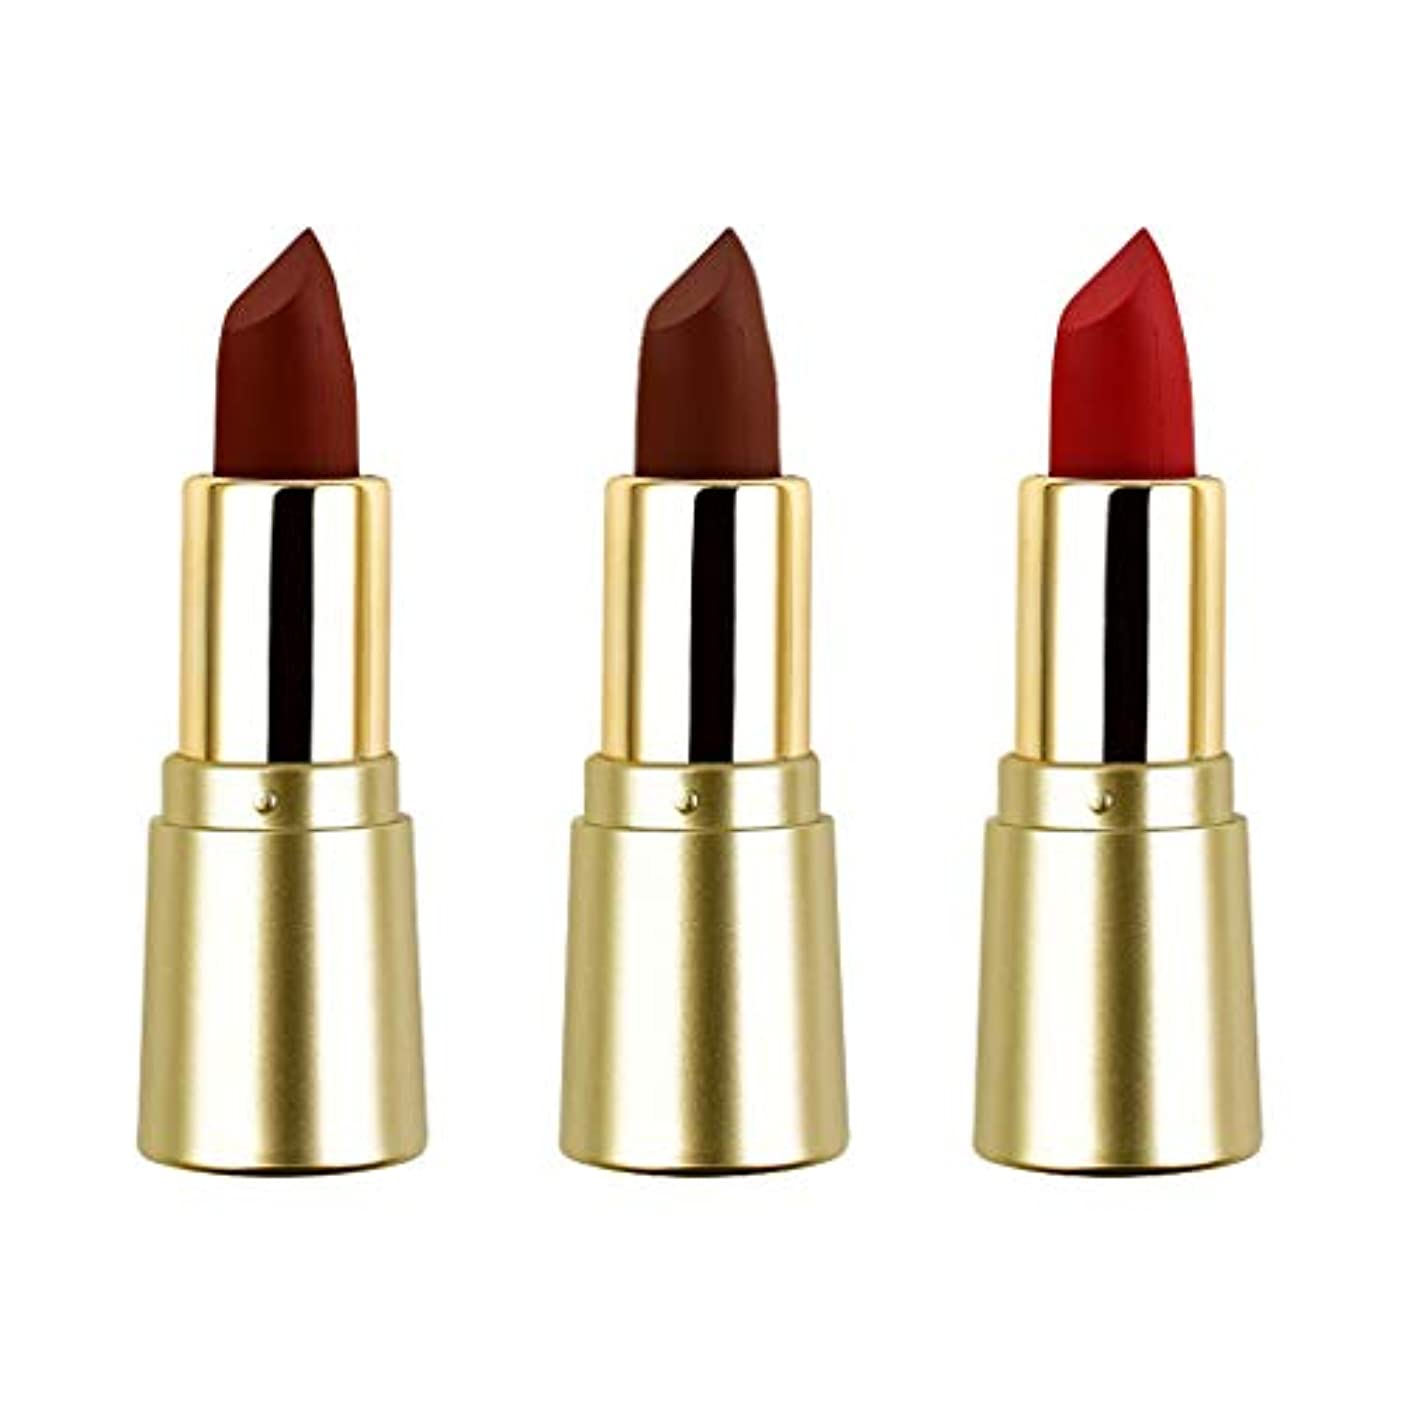 コンプリート賢い章T TOOYFUL リップスティック ミニマット 口紅セット かわいい 長持ち色 防水 化粧品 メイクアップ 3色セット